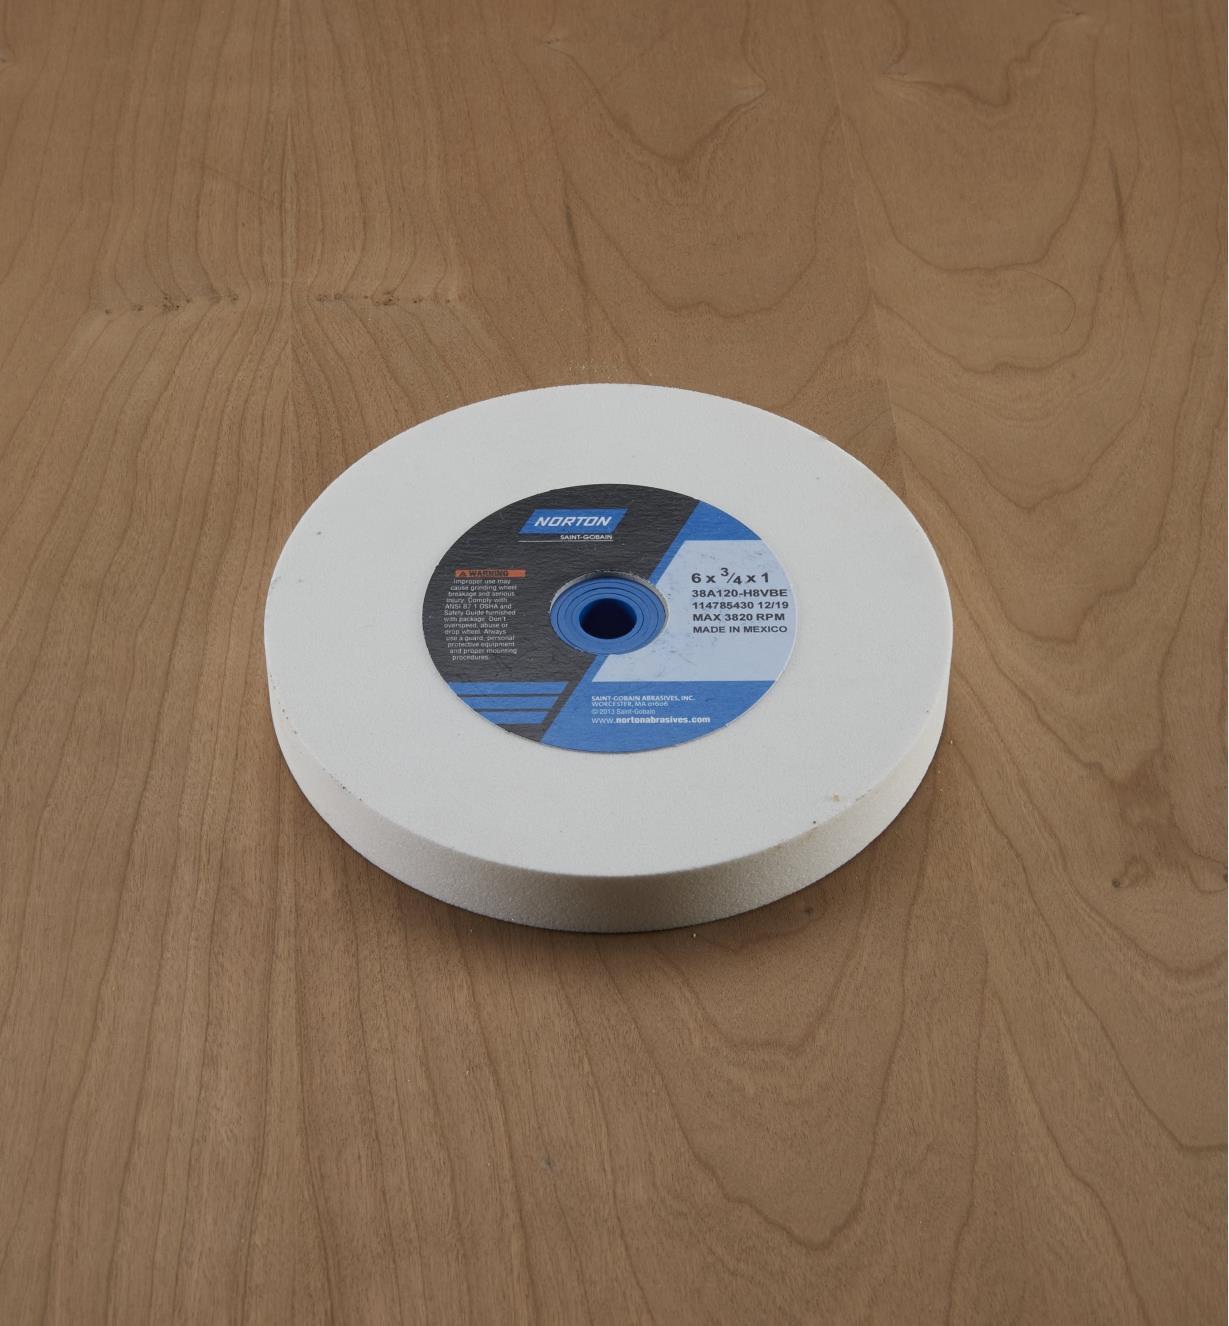 08M2101 - Meule de grain120, 6po x 3/4po